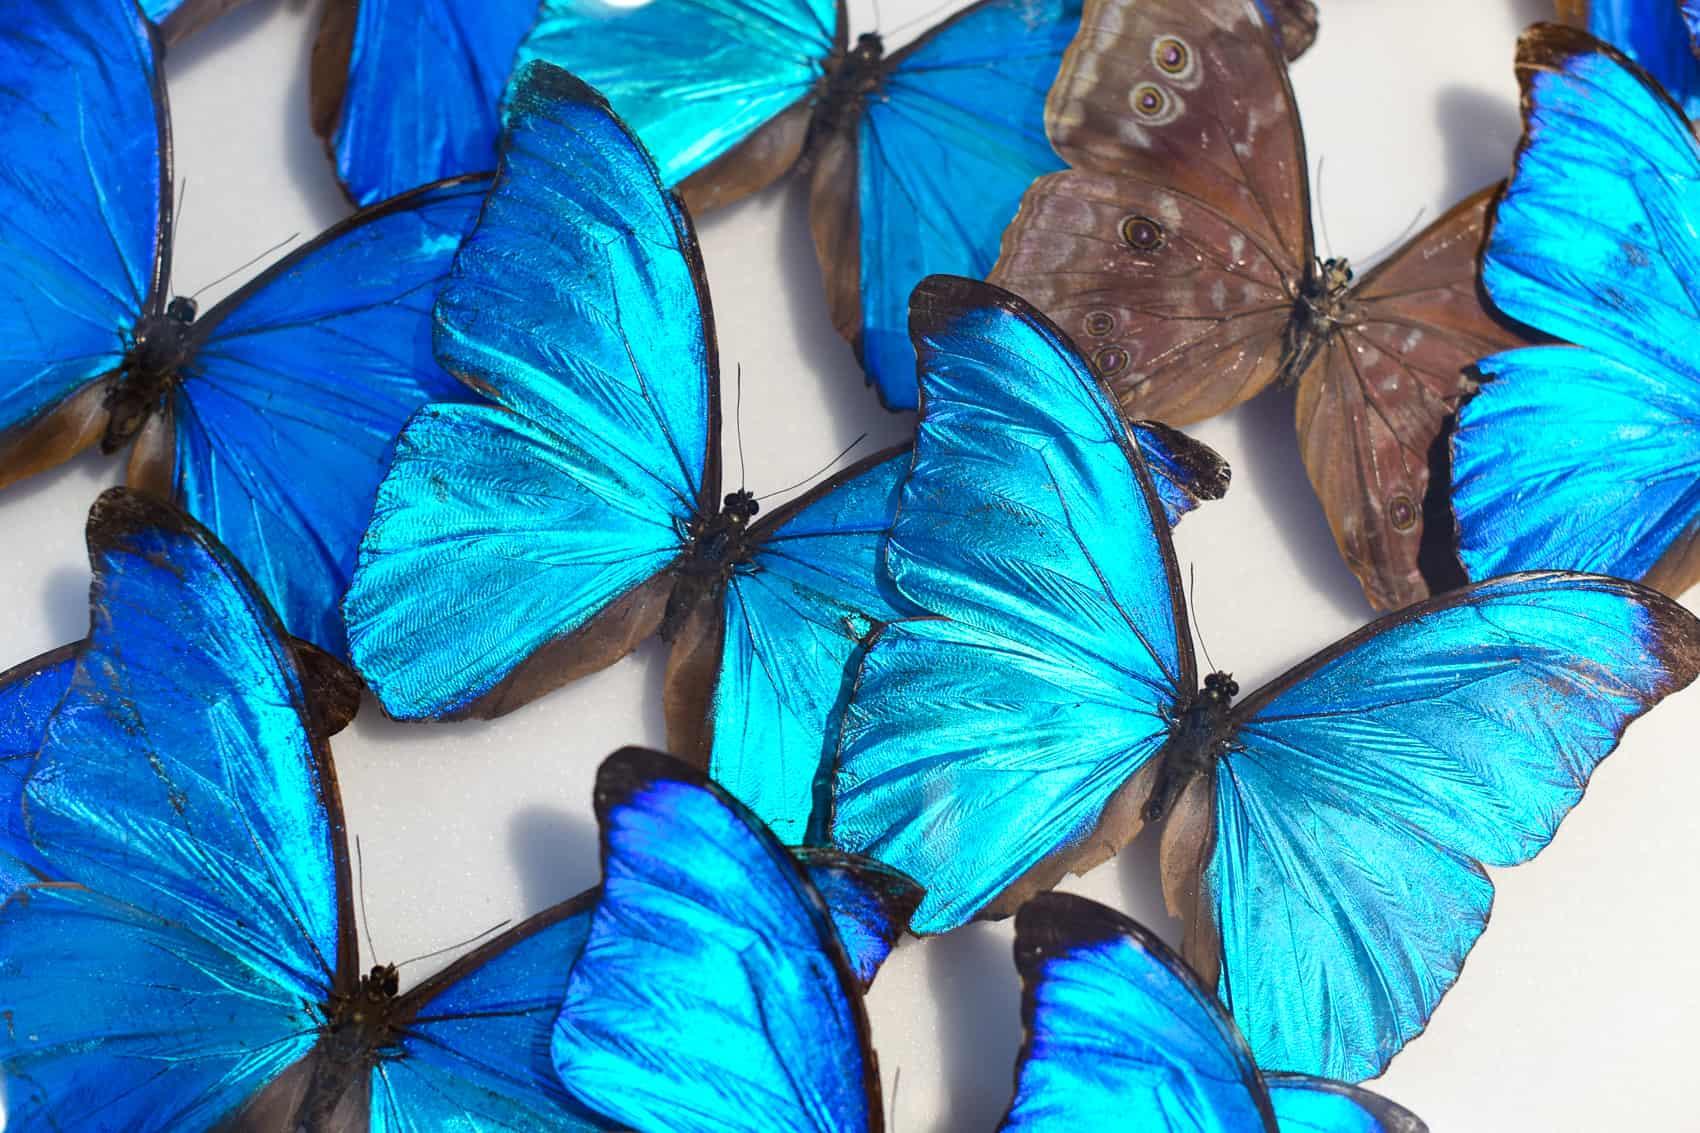 Costa Rican Morpho butterflies.